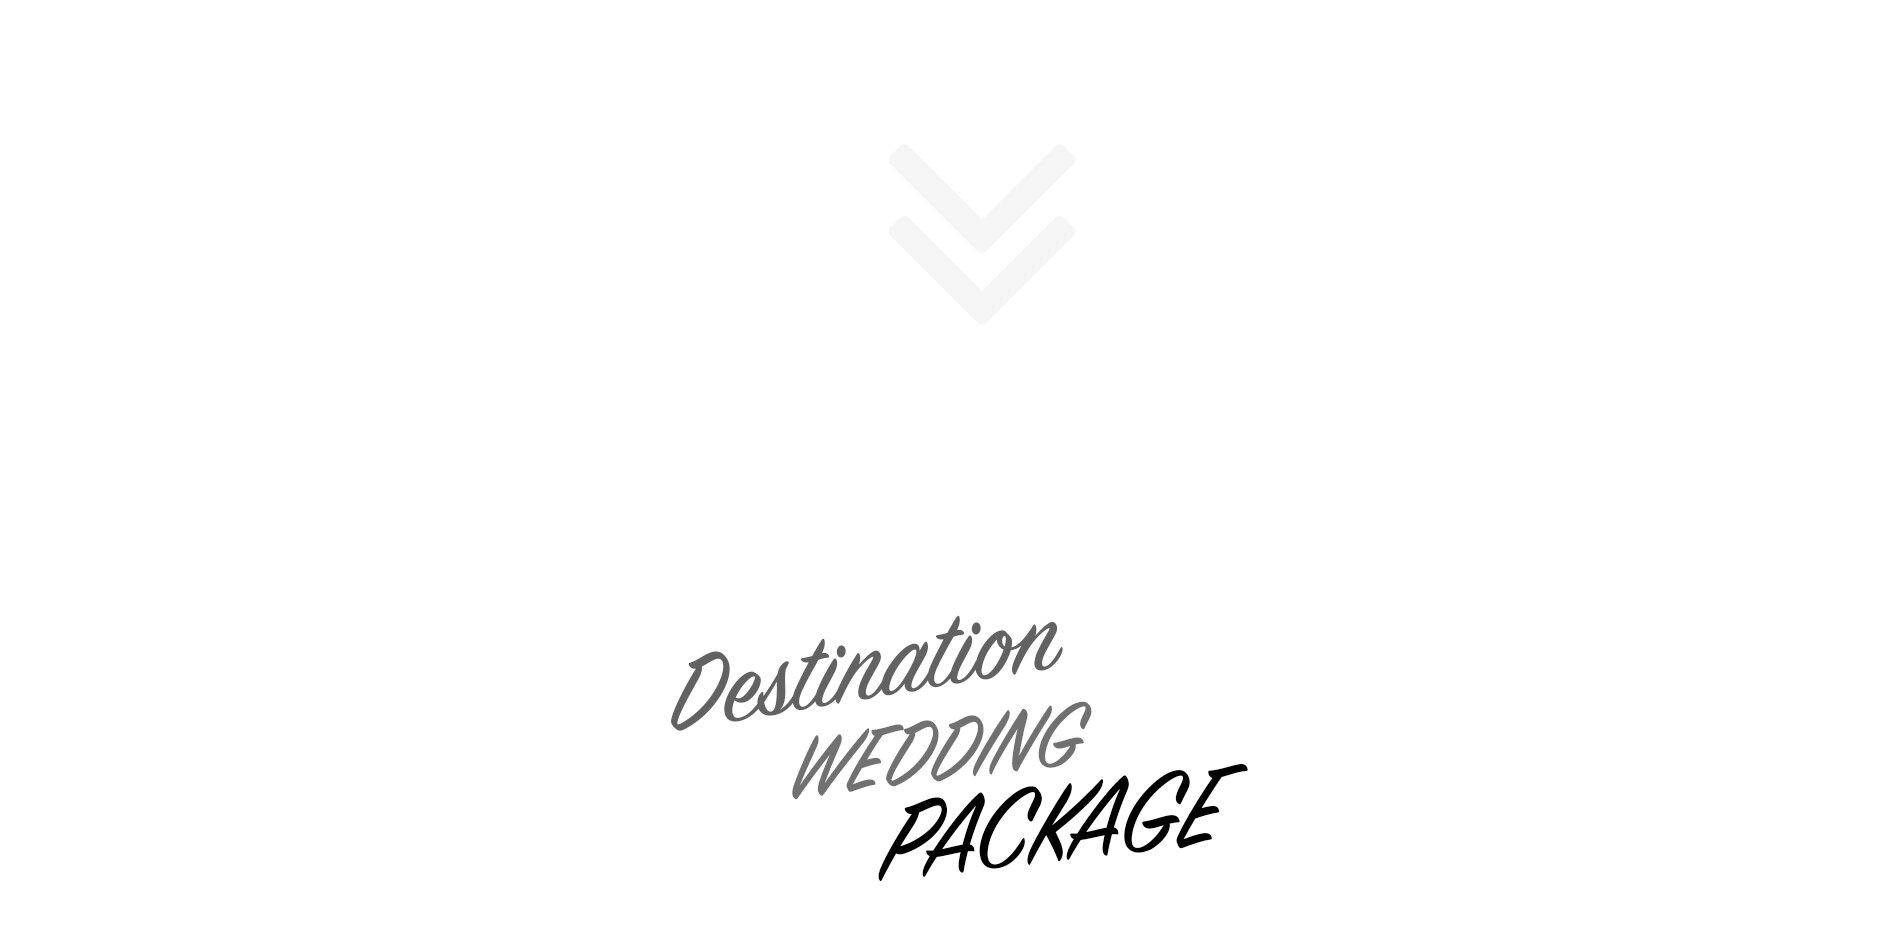 Destination Wedding Package.jpg